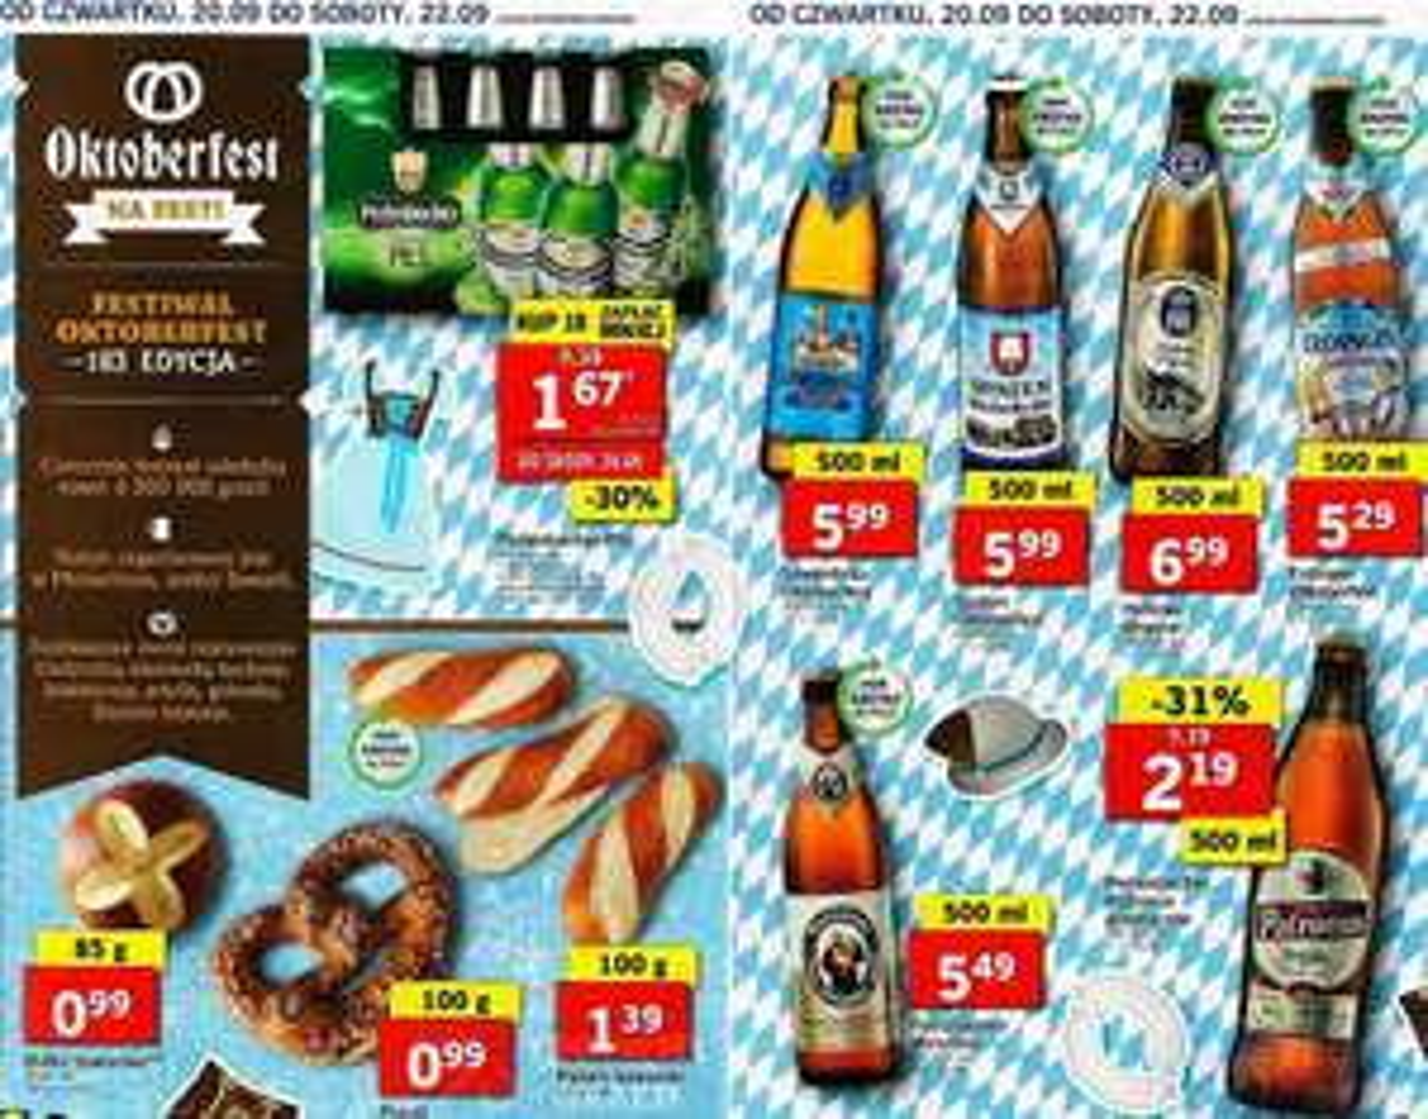 Piwa niemieckie: Perlenbacher: Pils (1,67zł), Patronus (2,19zł) i inne z wyższej półki @ Lidl